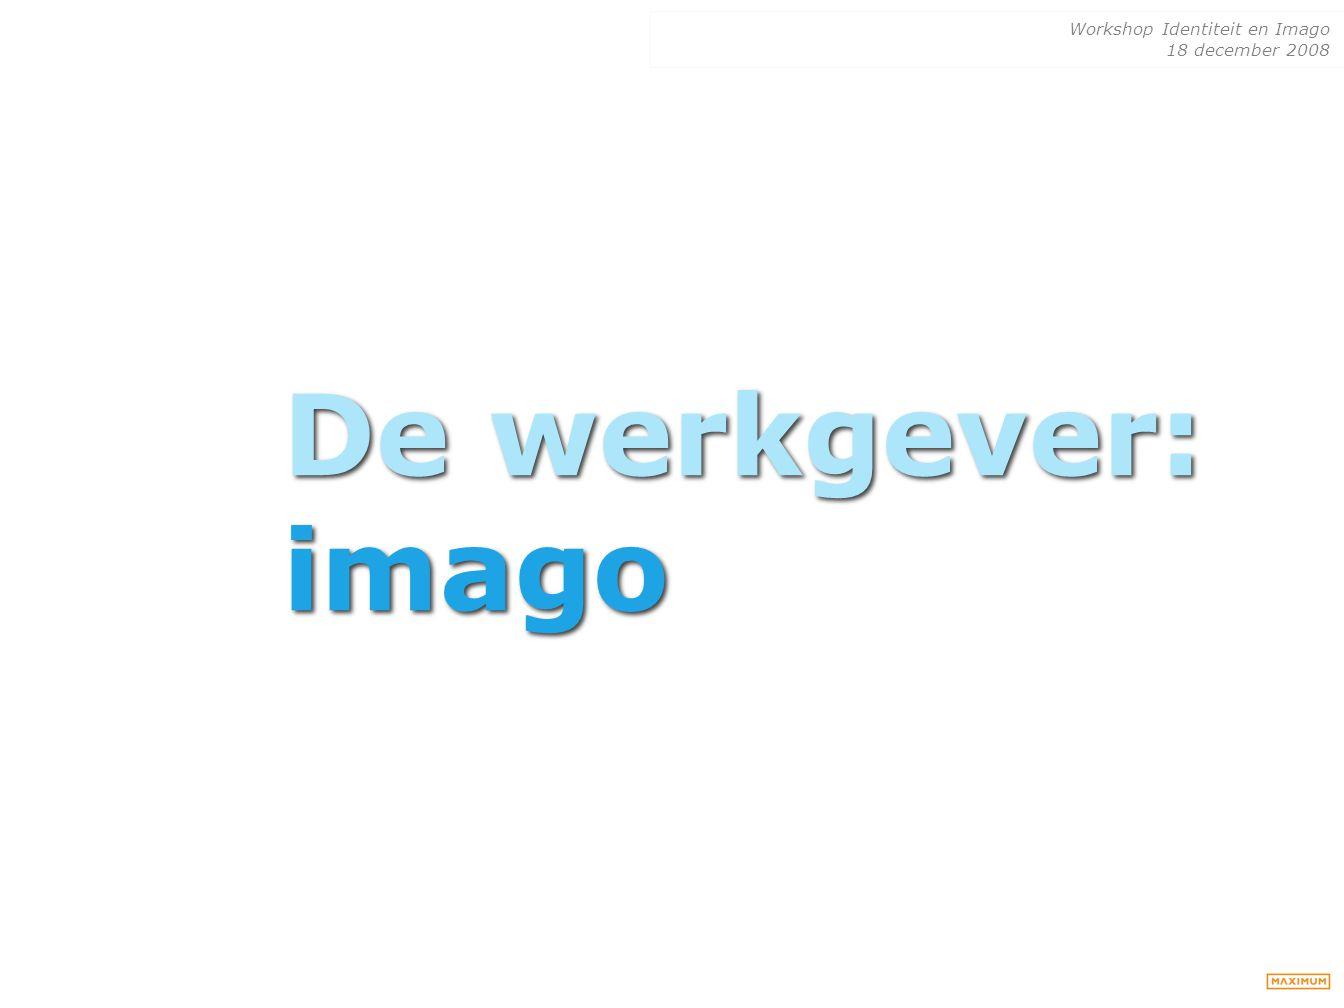 De werkgever: imago